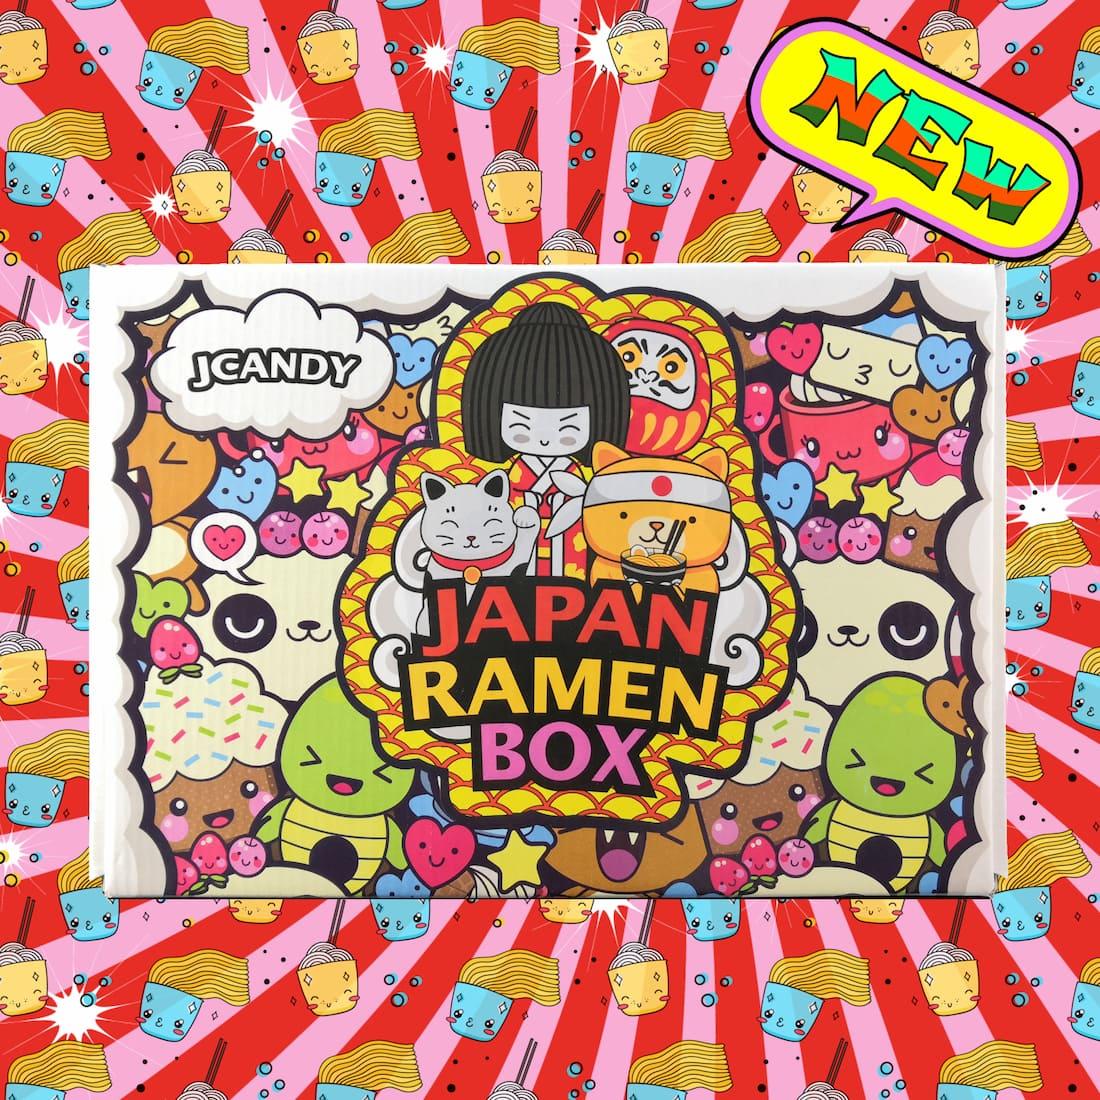 Ramen itsutsu Box